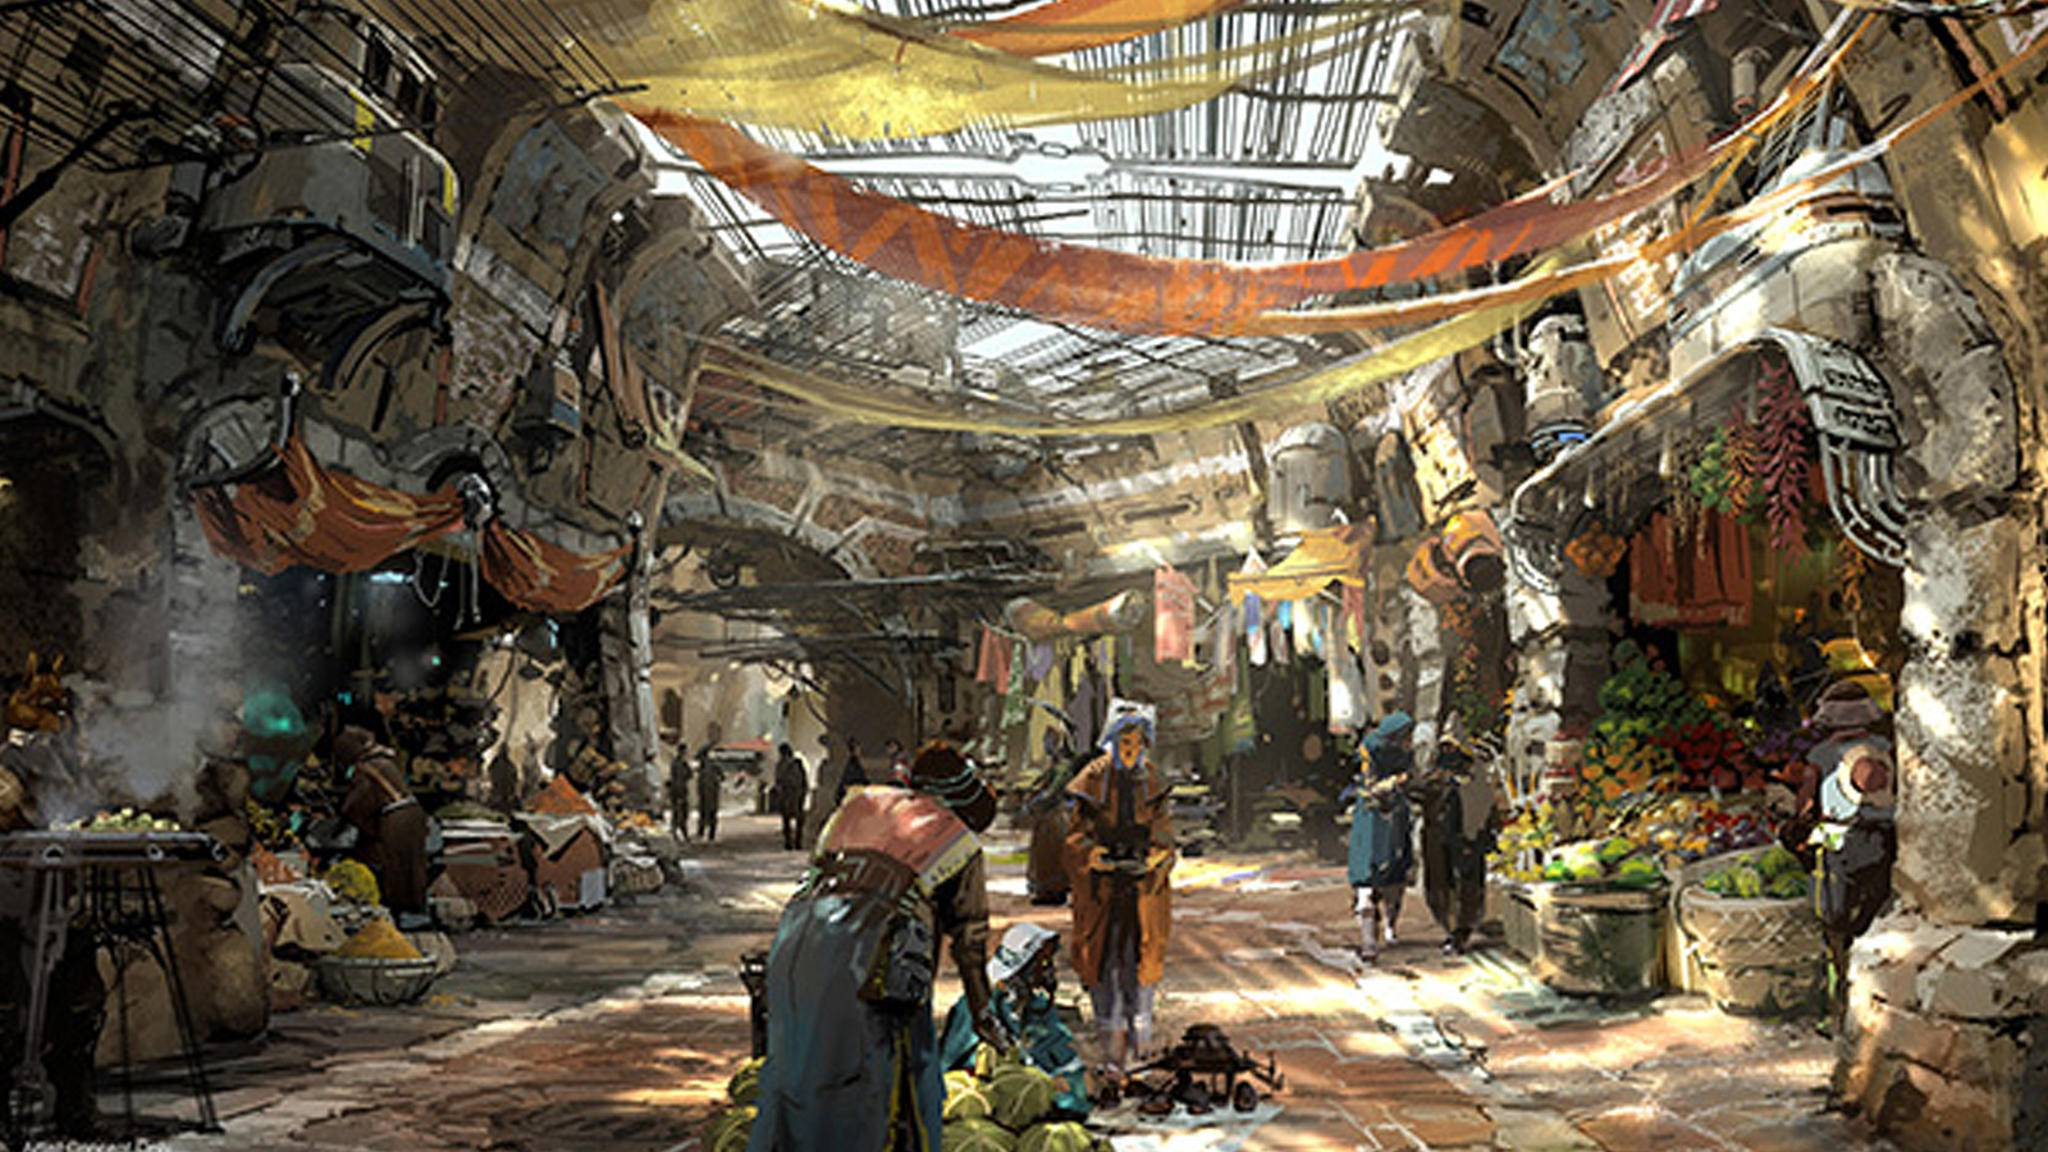 """Die Besucher des neuen """"Star Wars Land"""" müssen sich wohl vor allerlei intergalaktischen Hallunken in acht nehmen."""